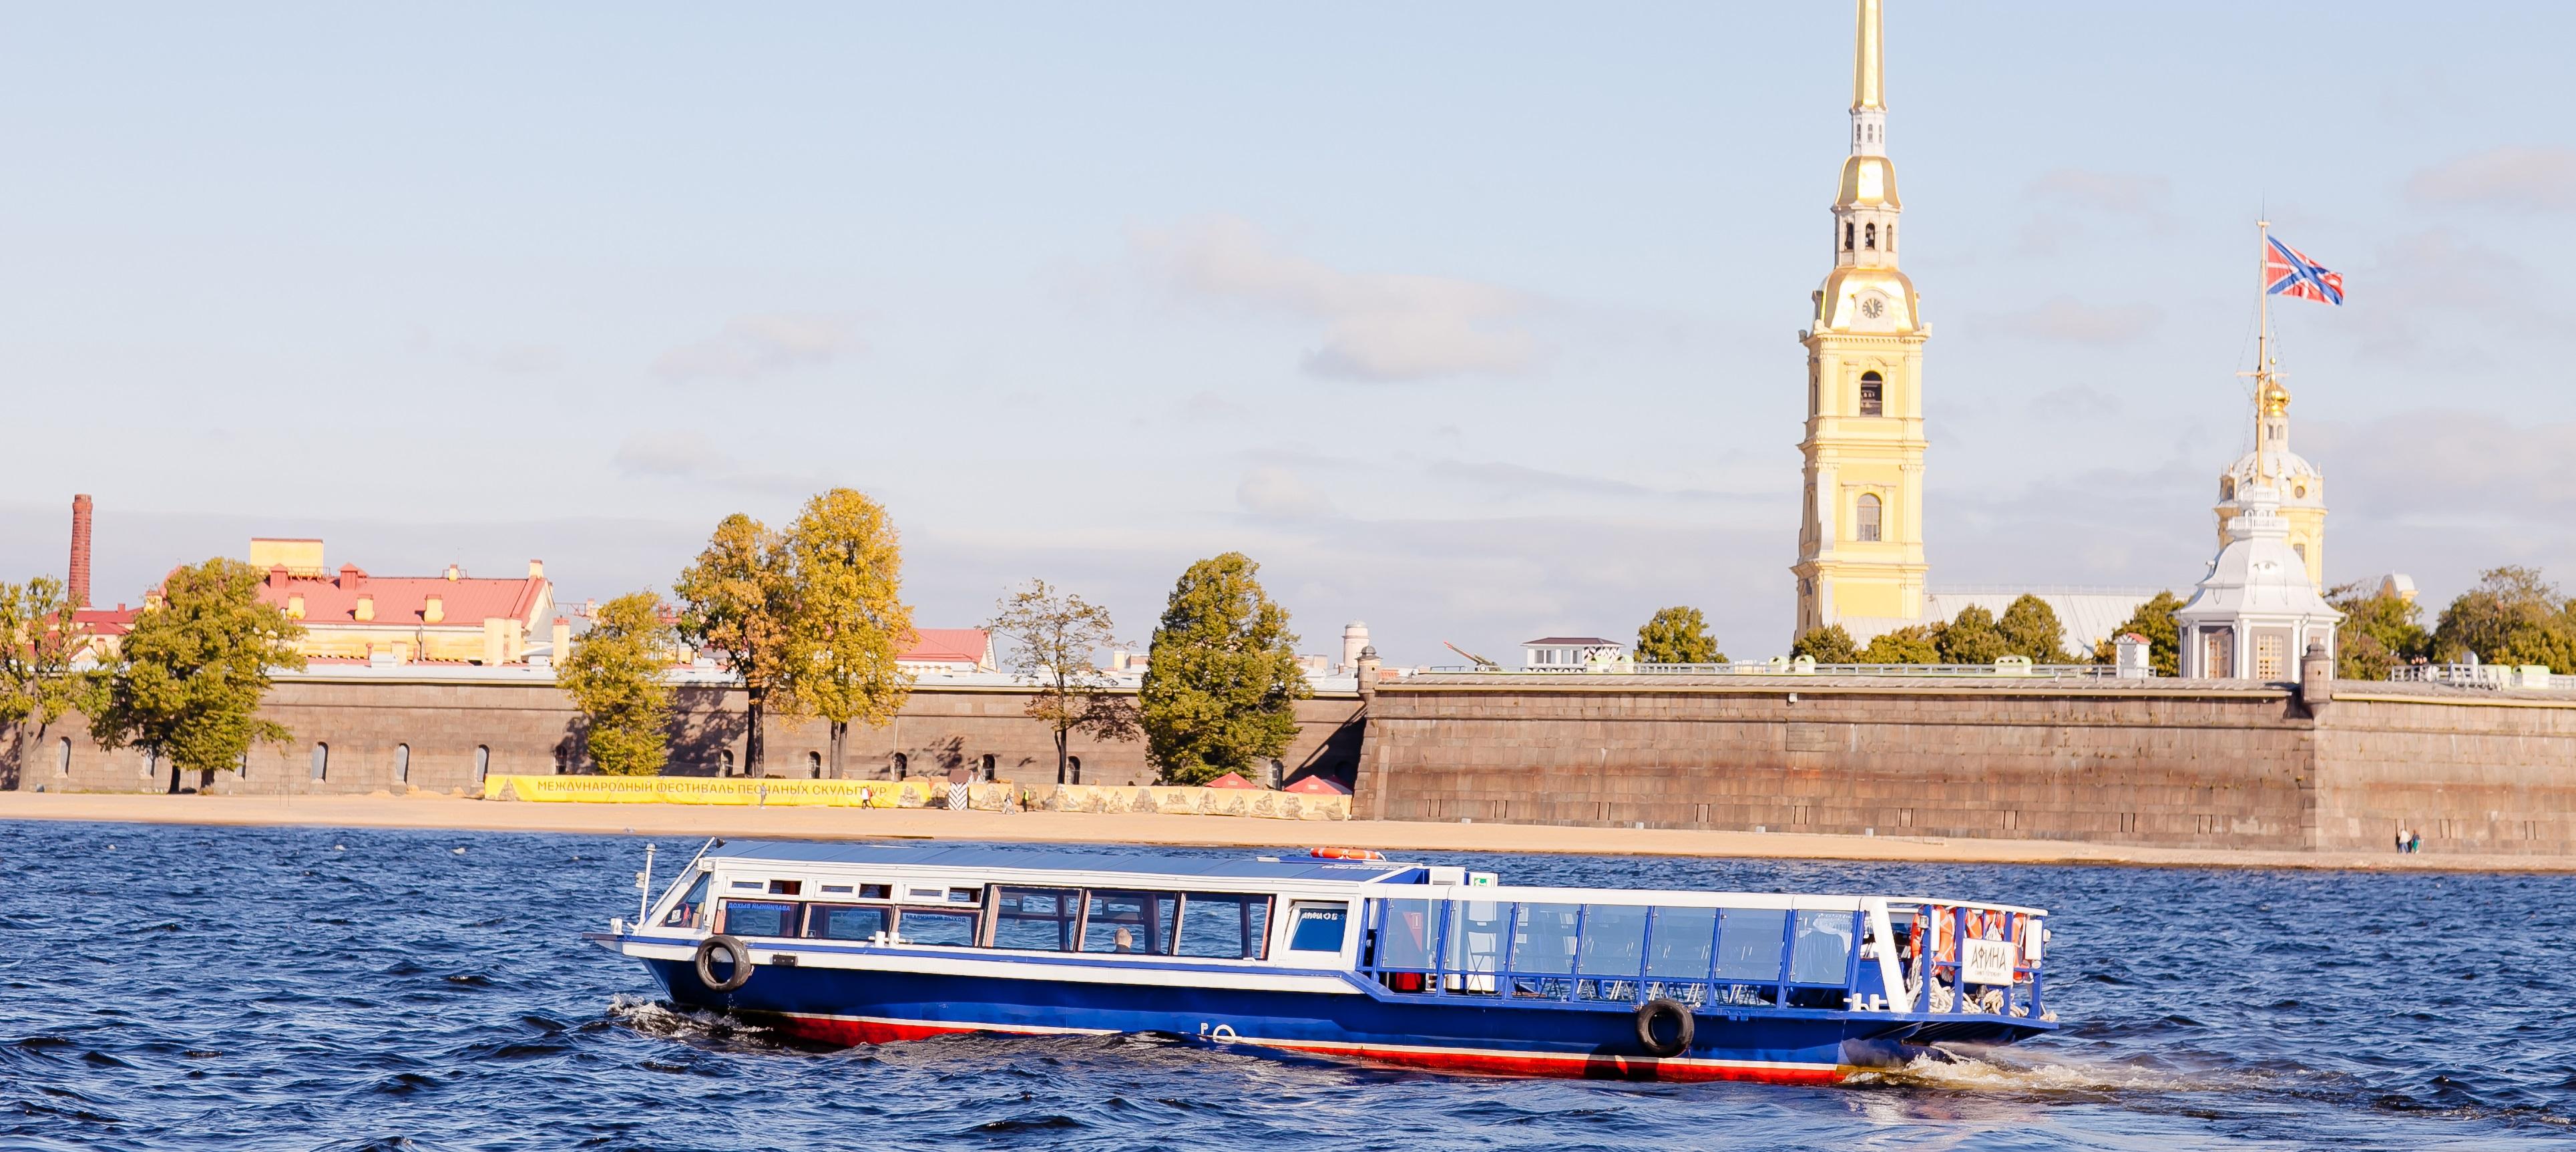 Аренда теплоходов в Санкт-Петербурге от судоходной компании «Теплоход СПб»